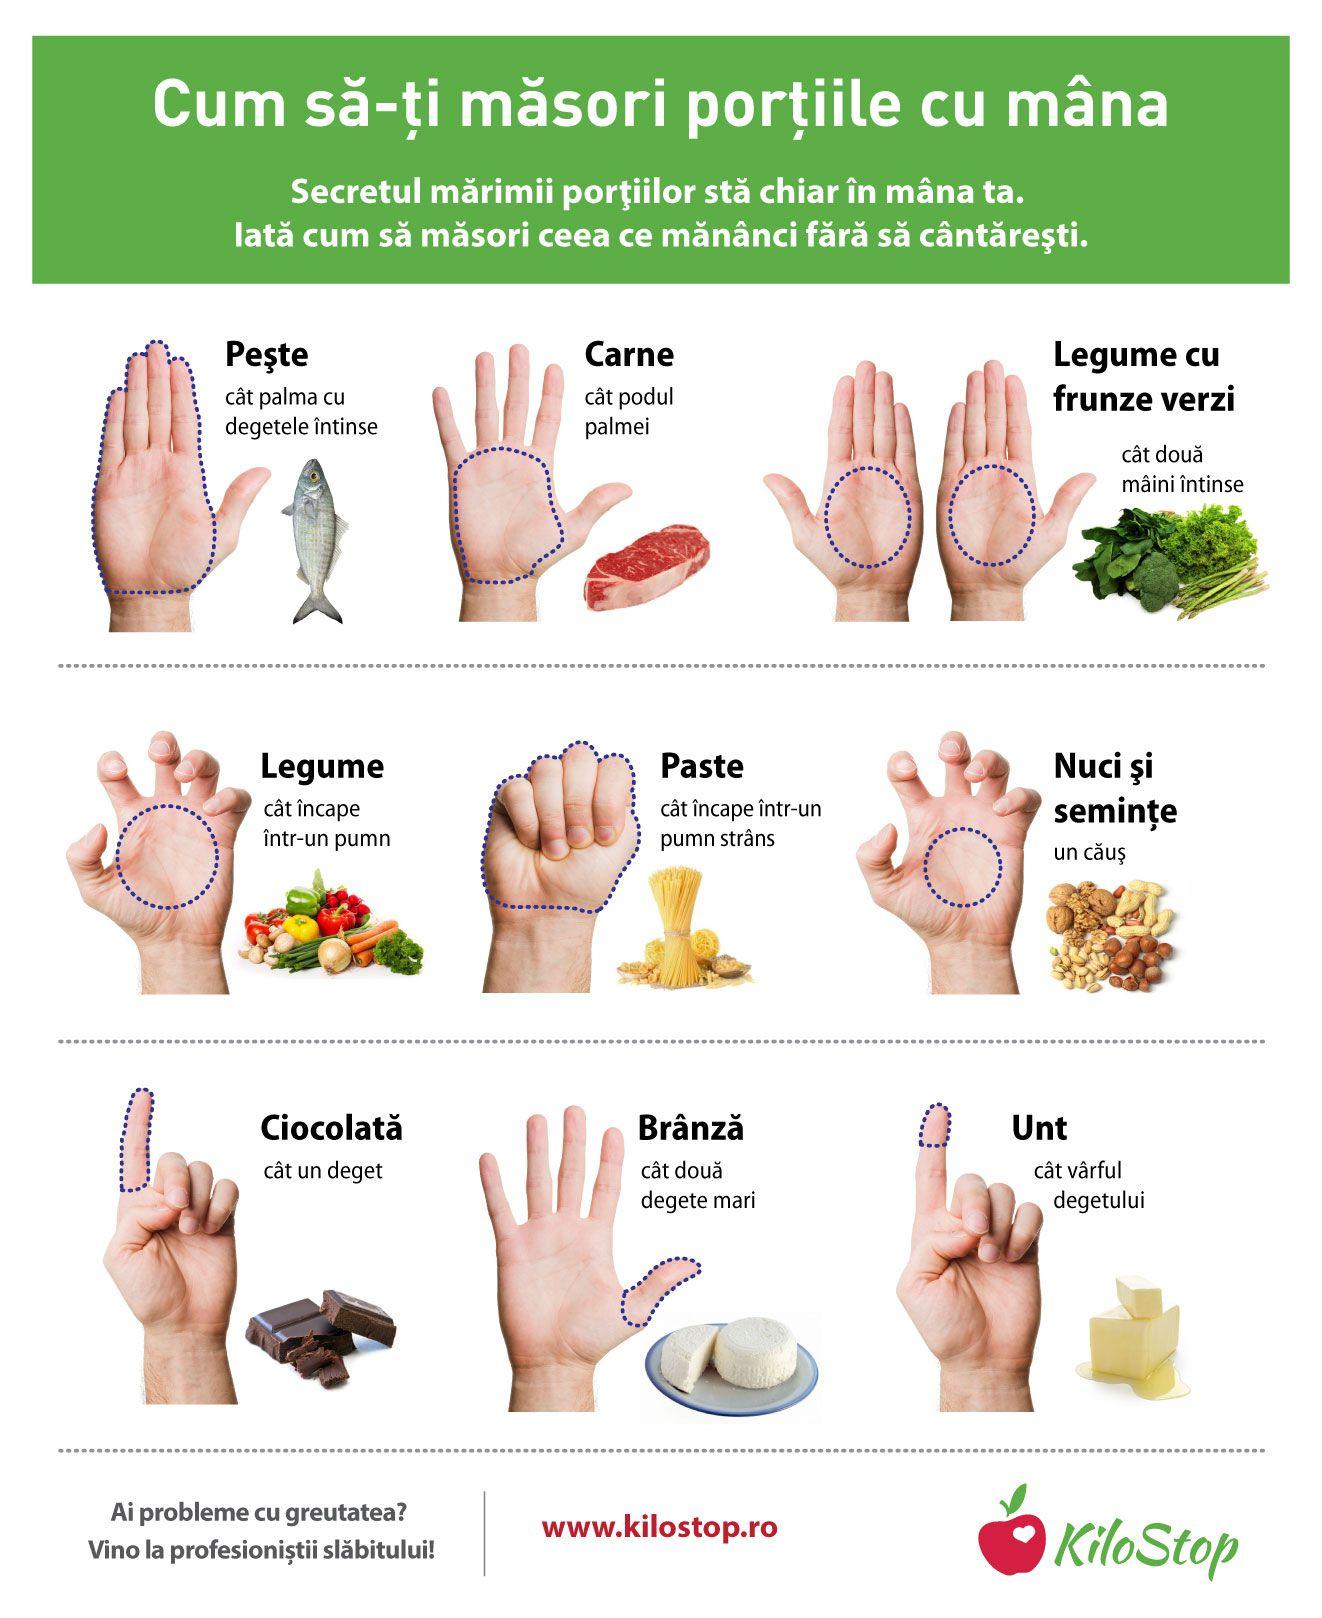 Cum slăbești după 60 de ani: 3 metode care funcționează - Dietă & Fitness > Dieta - boldcharts.ro